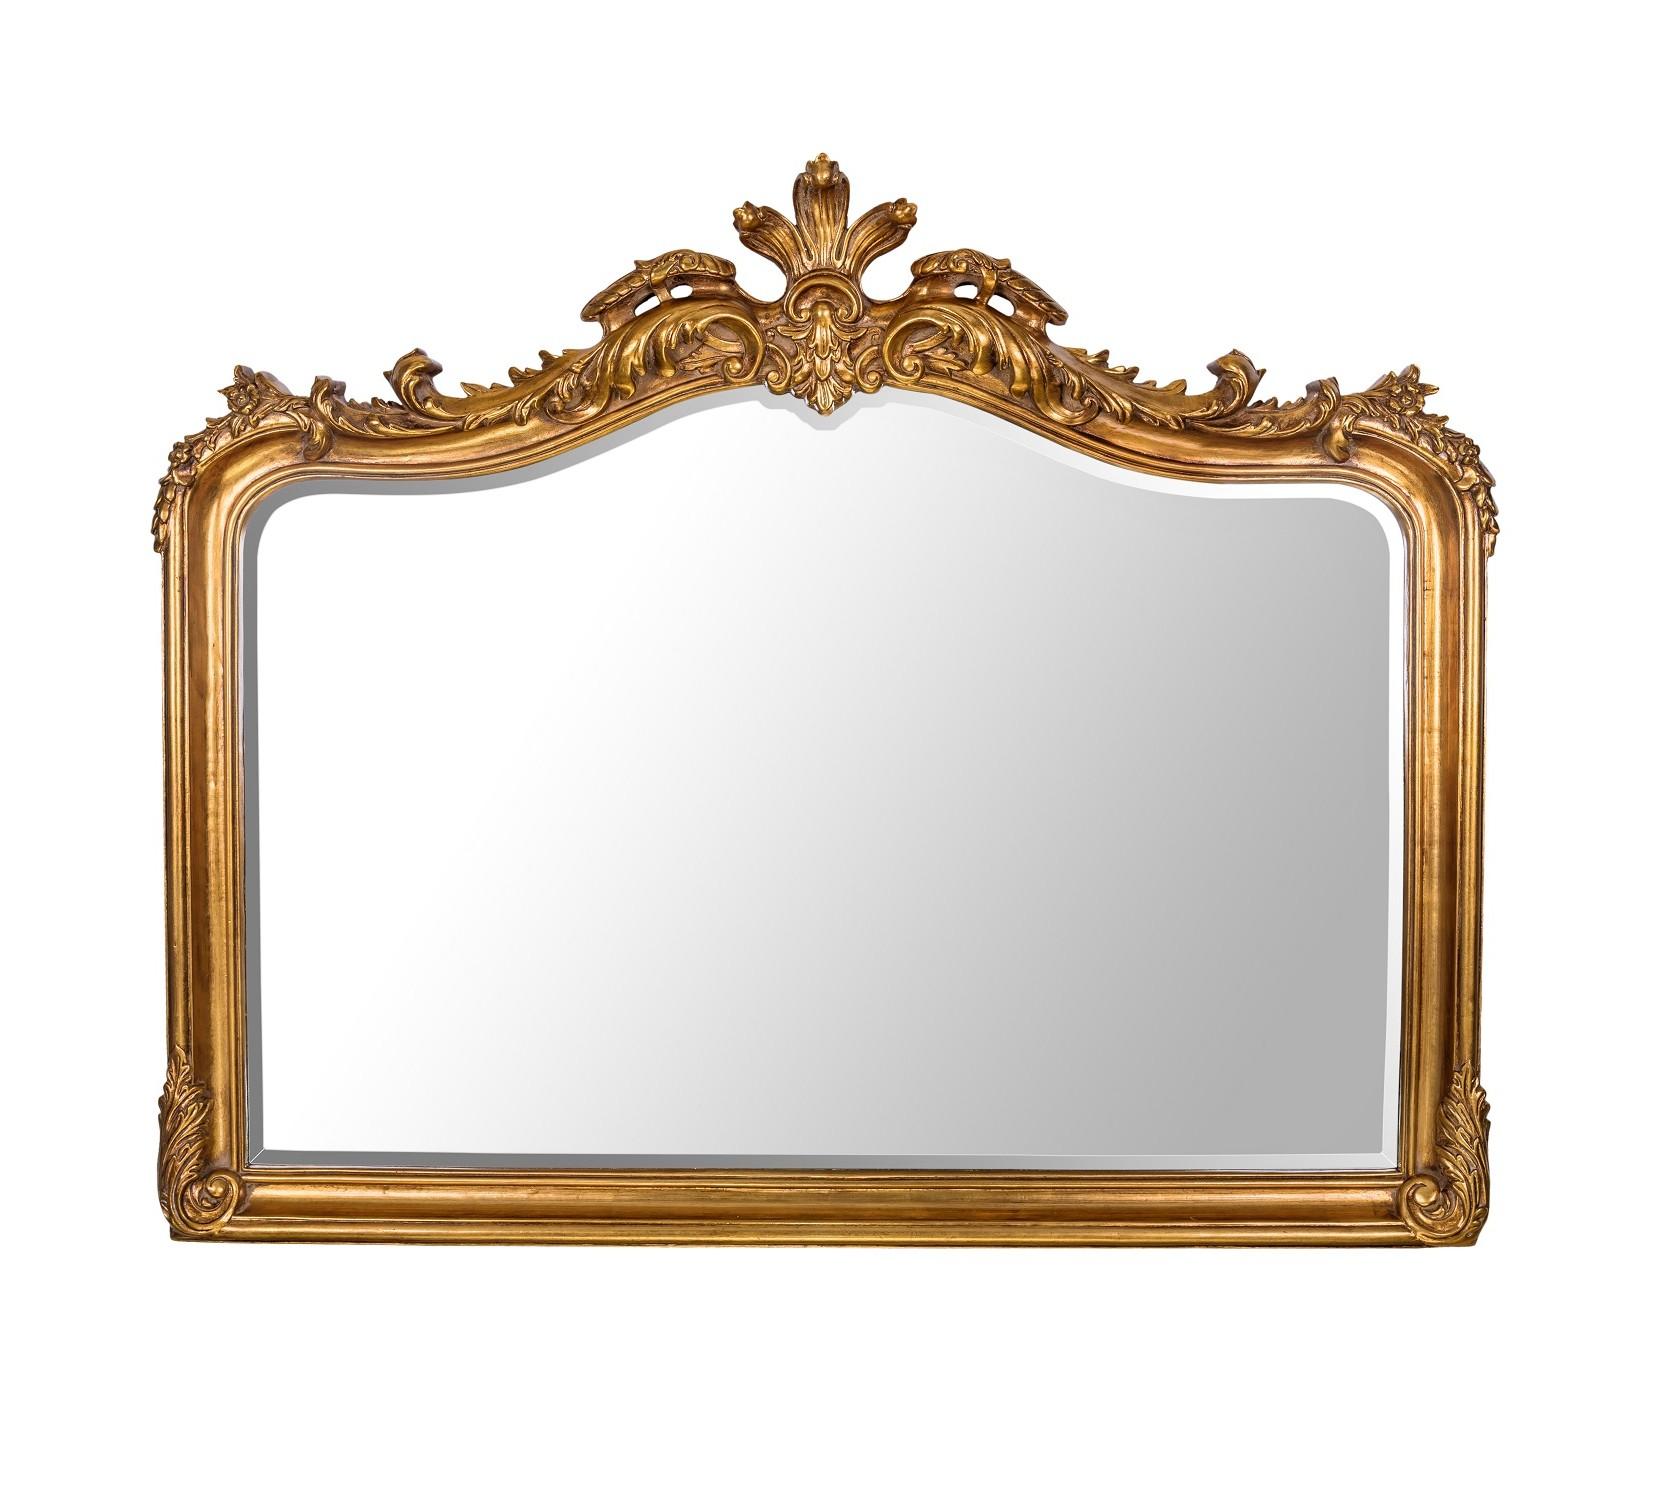 Зеркало Solerno GoldНастенные зеркала<br><br><br>Material: Полирезин<br>Width см: 126<br>Depth см: 11<br>Height см: 101